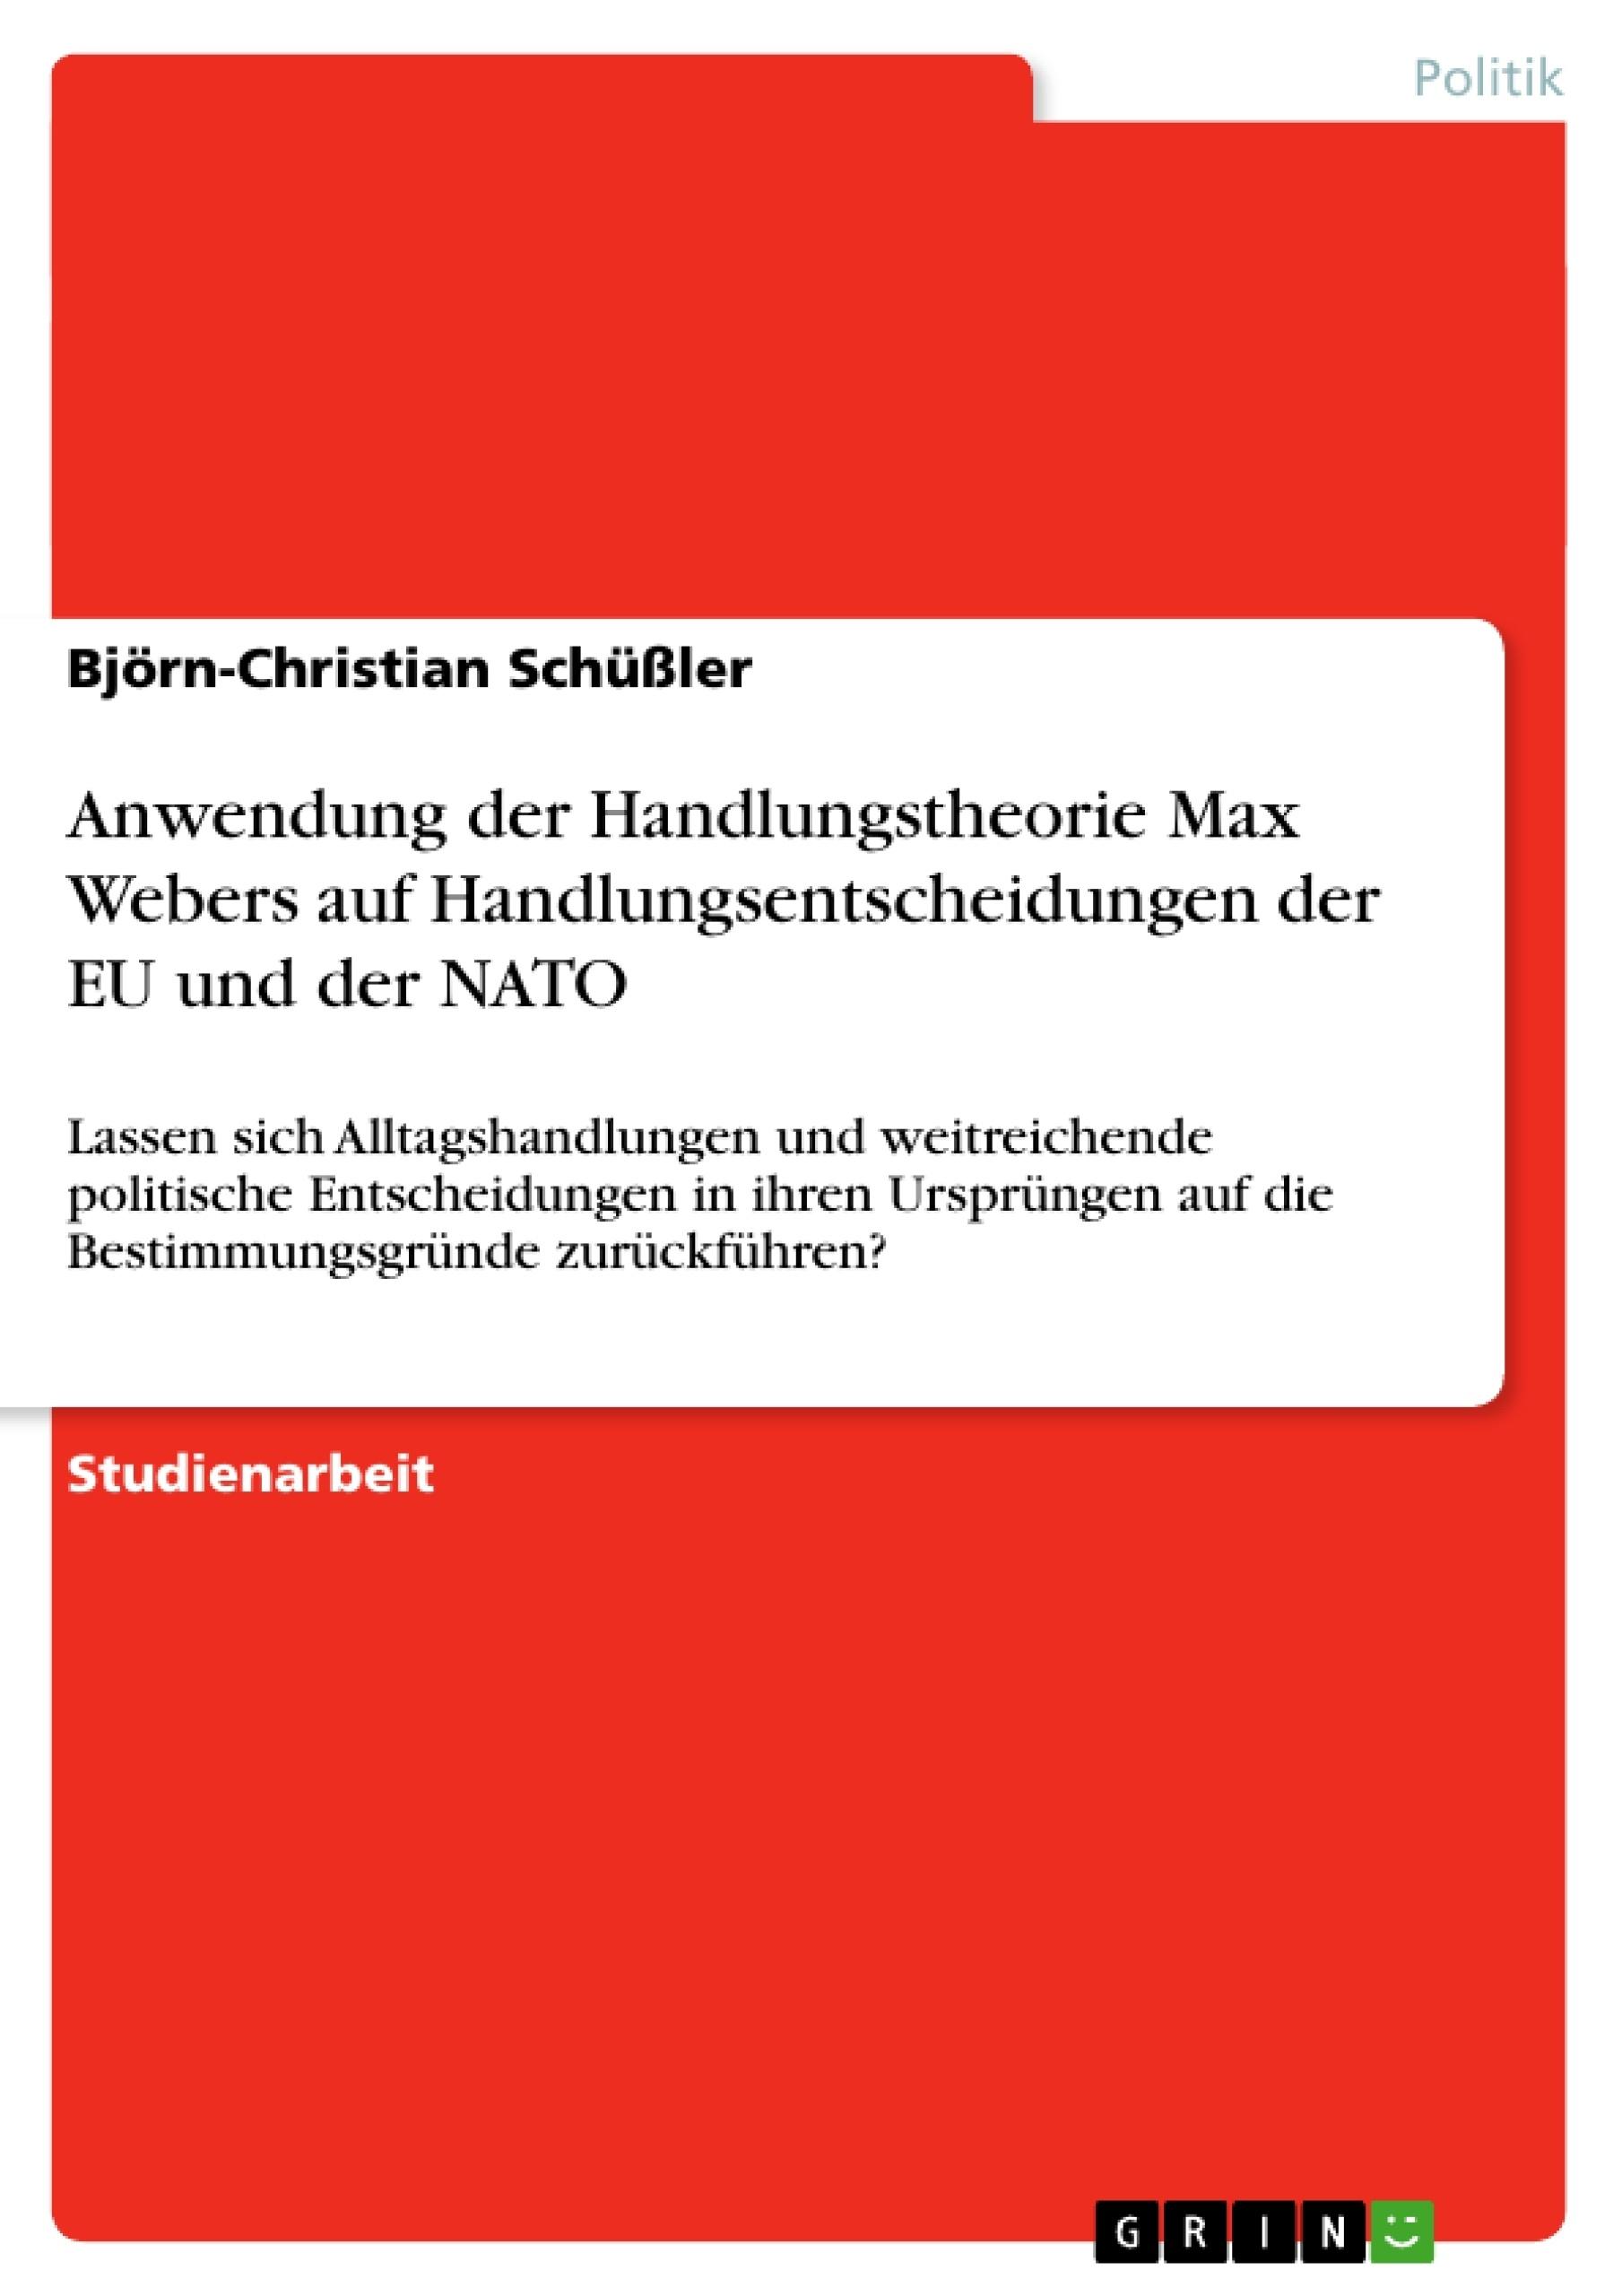 Titel: Anwendung der Handlungstheorie Max Webers auf Handlungsentscheidungen der EU und der NATO